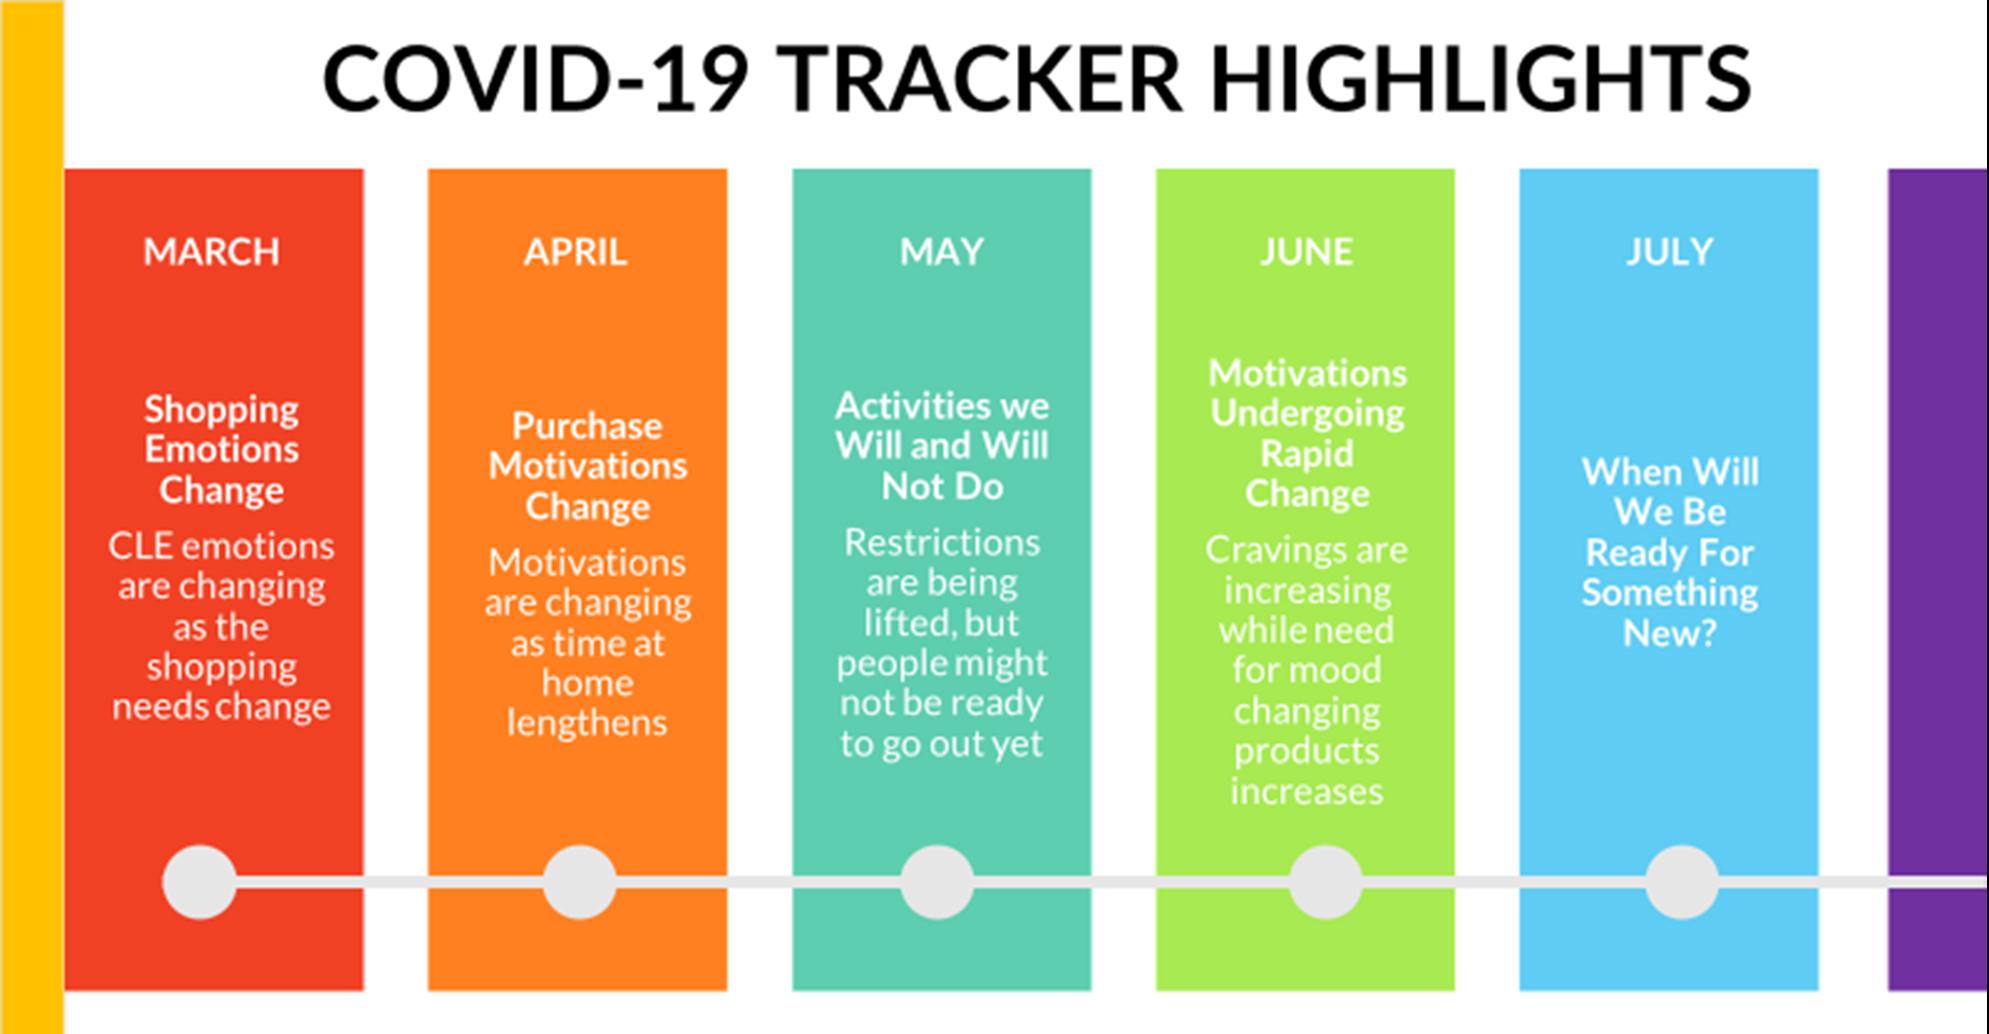 Tracker Highlights